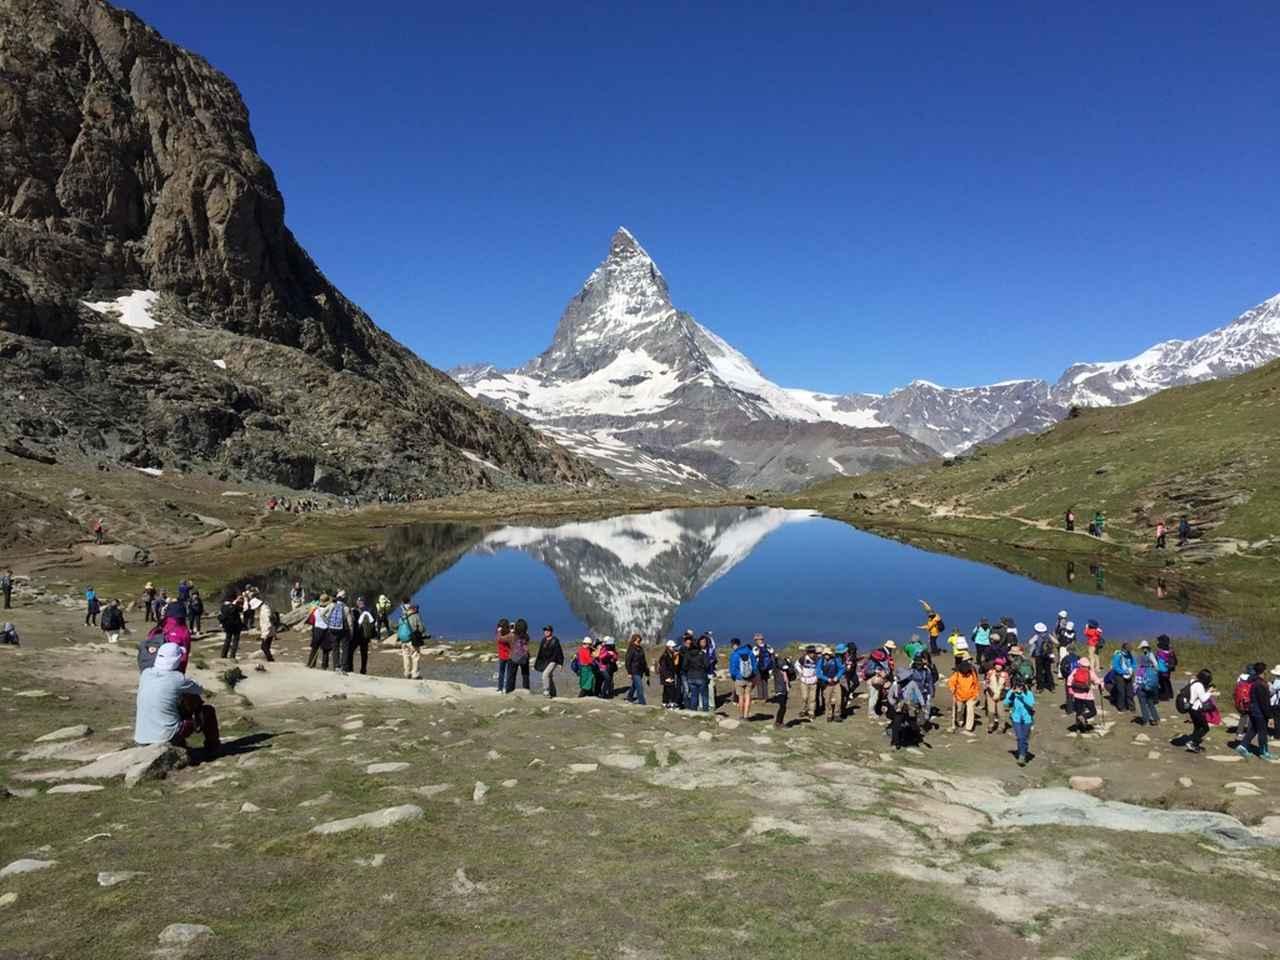 画像: 湖面に映るマッターホルンを望むハイキングにもご案内※天候等諸条件によりご覧いただけない場合がございます